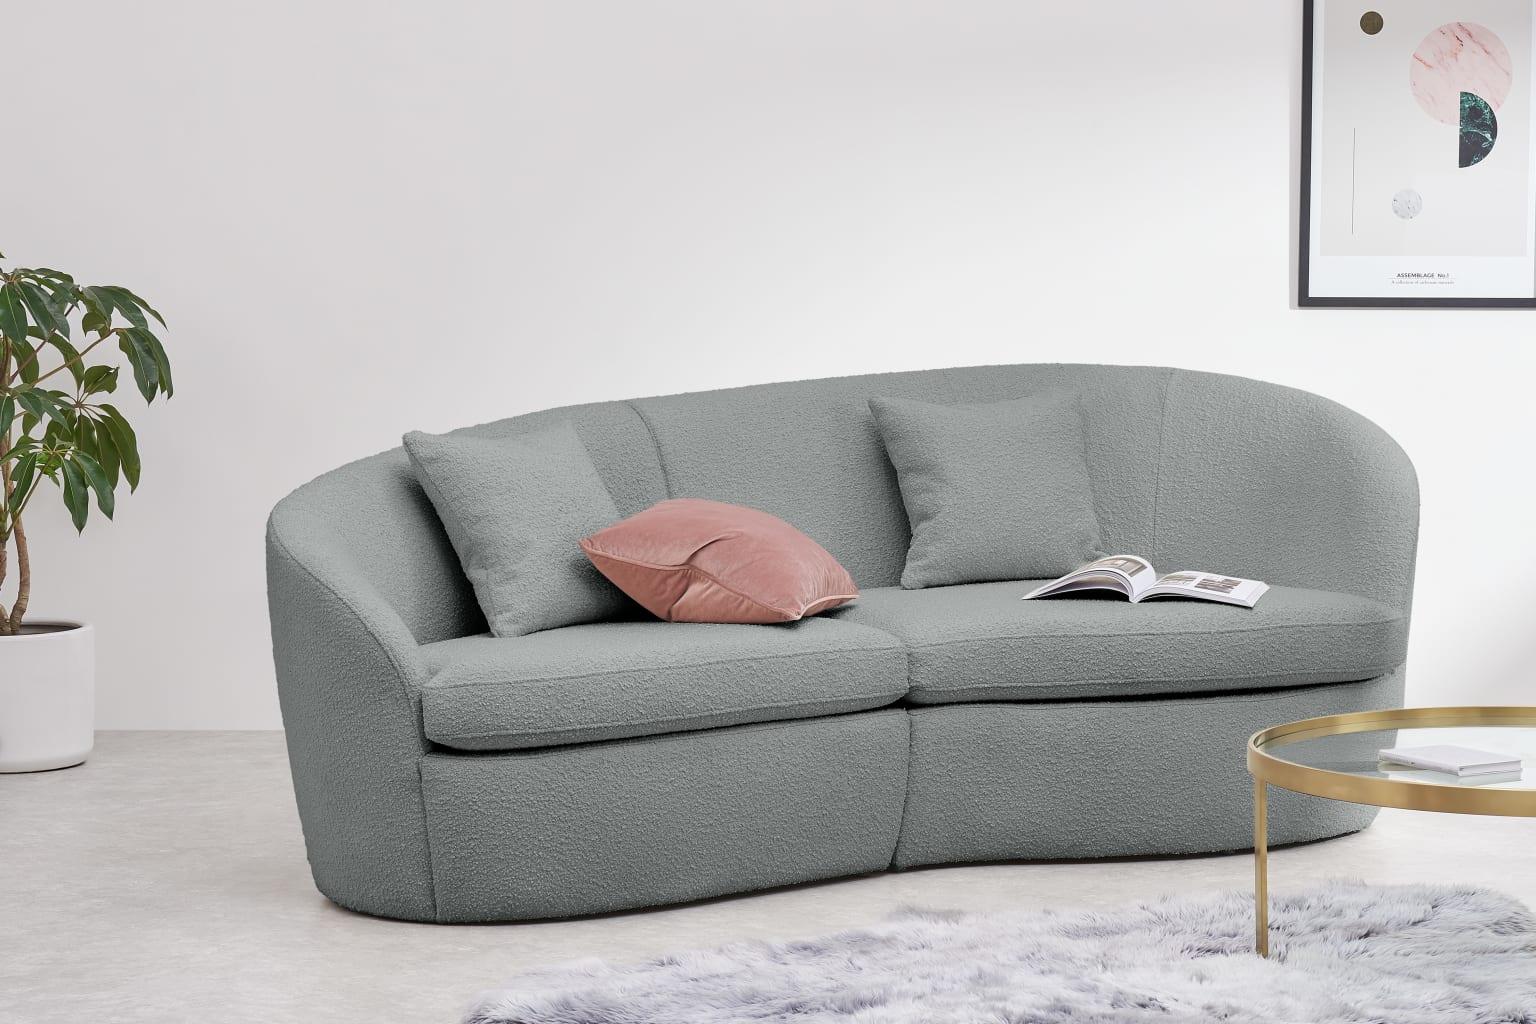 Reisa 3 Seater Sofa Steel Boucle ar3 2 LB02 LS - Canapés design : des modèles tendances pour un salon élégant en 2021